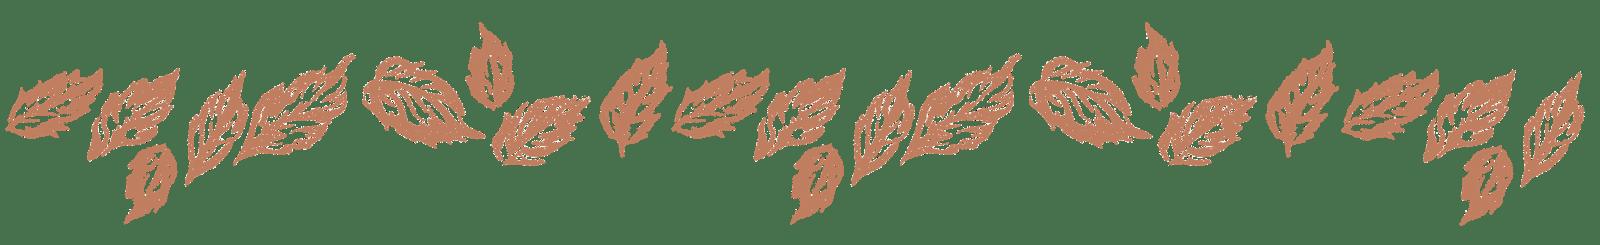 Leaf border png Leaf border png Transparent FREE for download on WebStockReview 2020